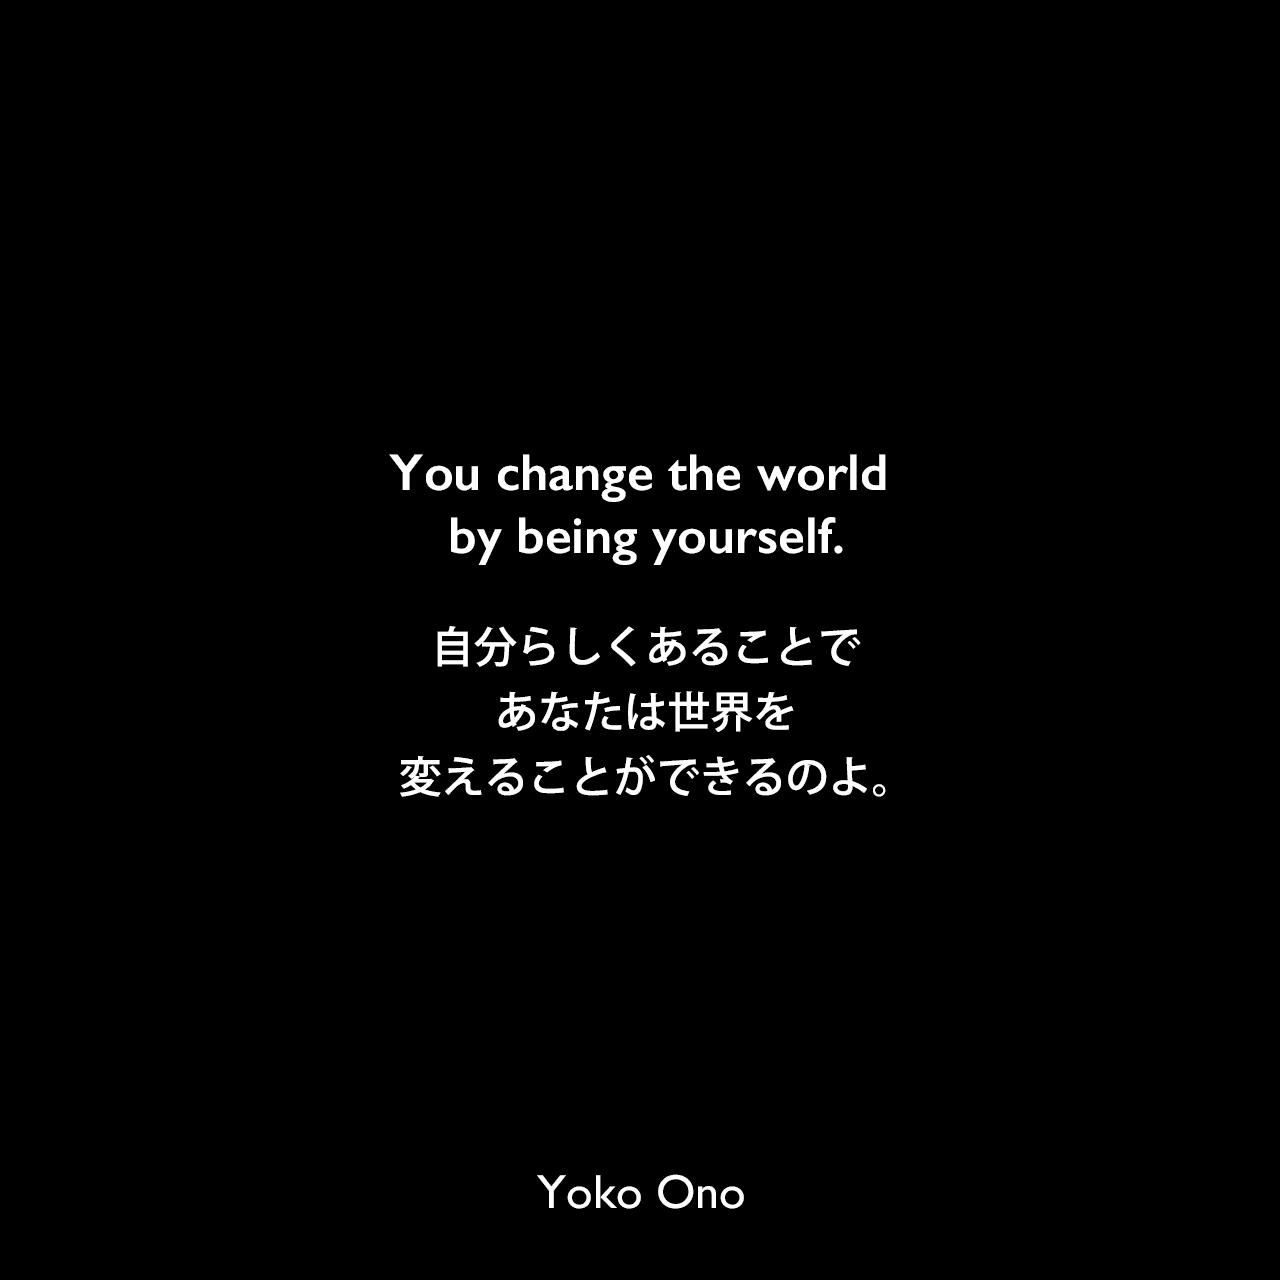 You change the world by being yourself.自分らしくあることで、あなたは世界を変えることができるのよ。Yoko Ono